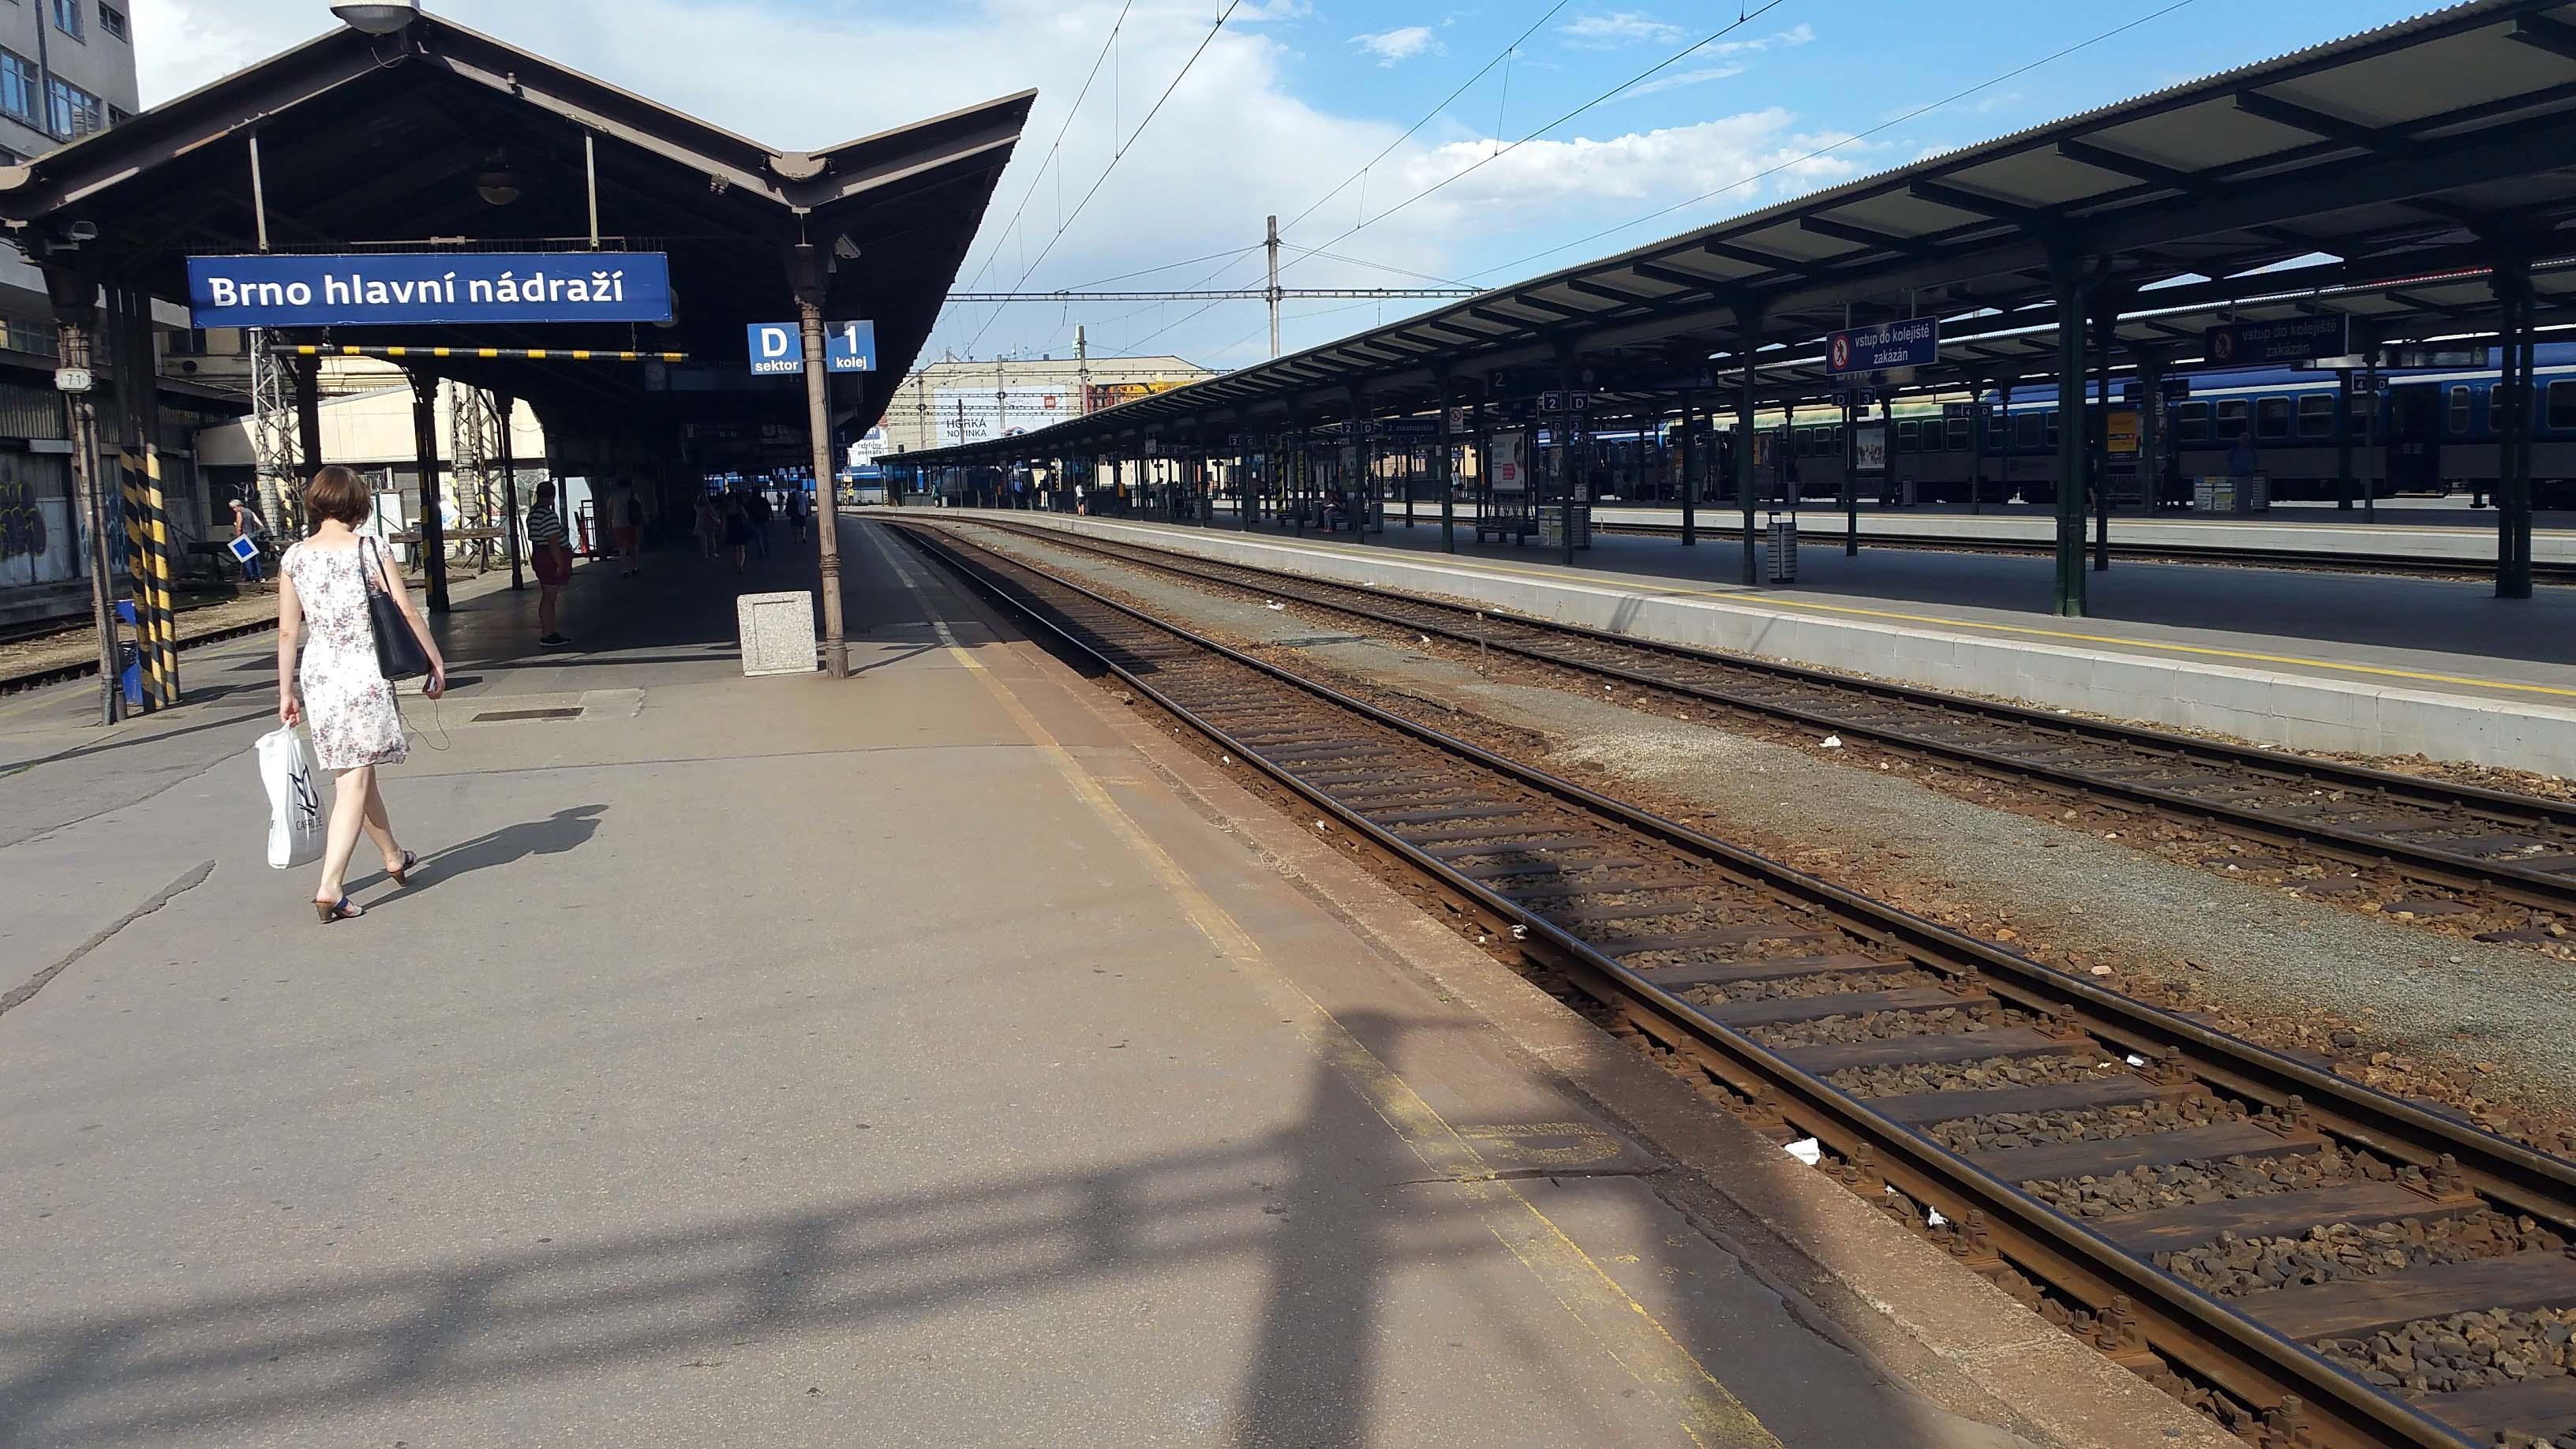 Je středa 25.července 2018 a provoz na brněnském hlavním nádraží utichl. Dělníci při opravách překopli kabel zabezpečovacího zařízení.